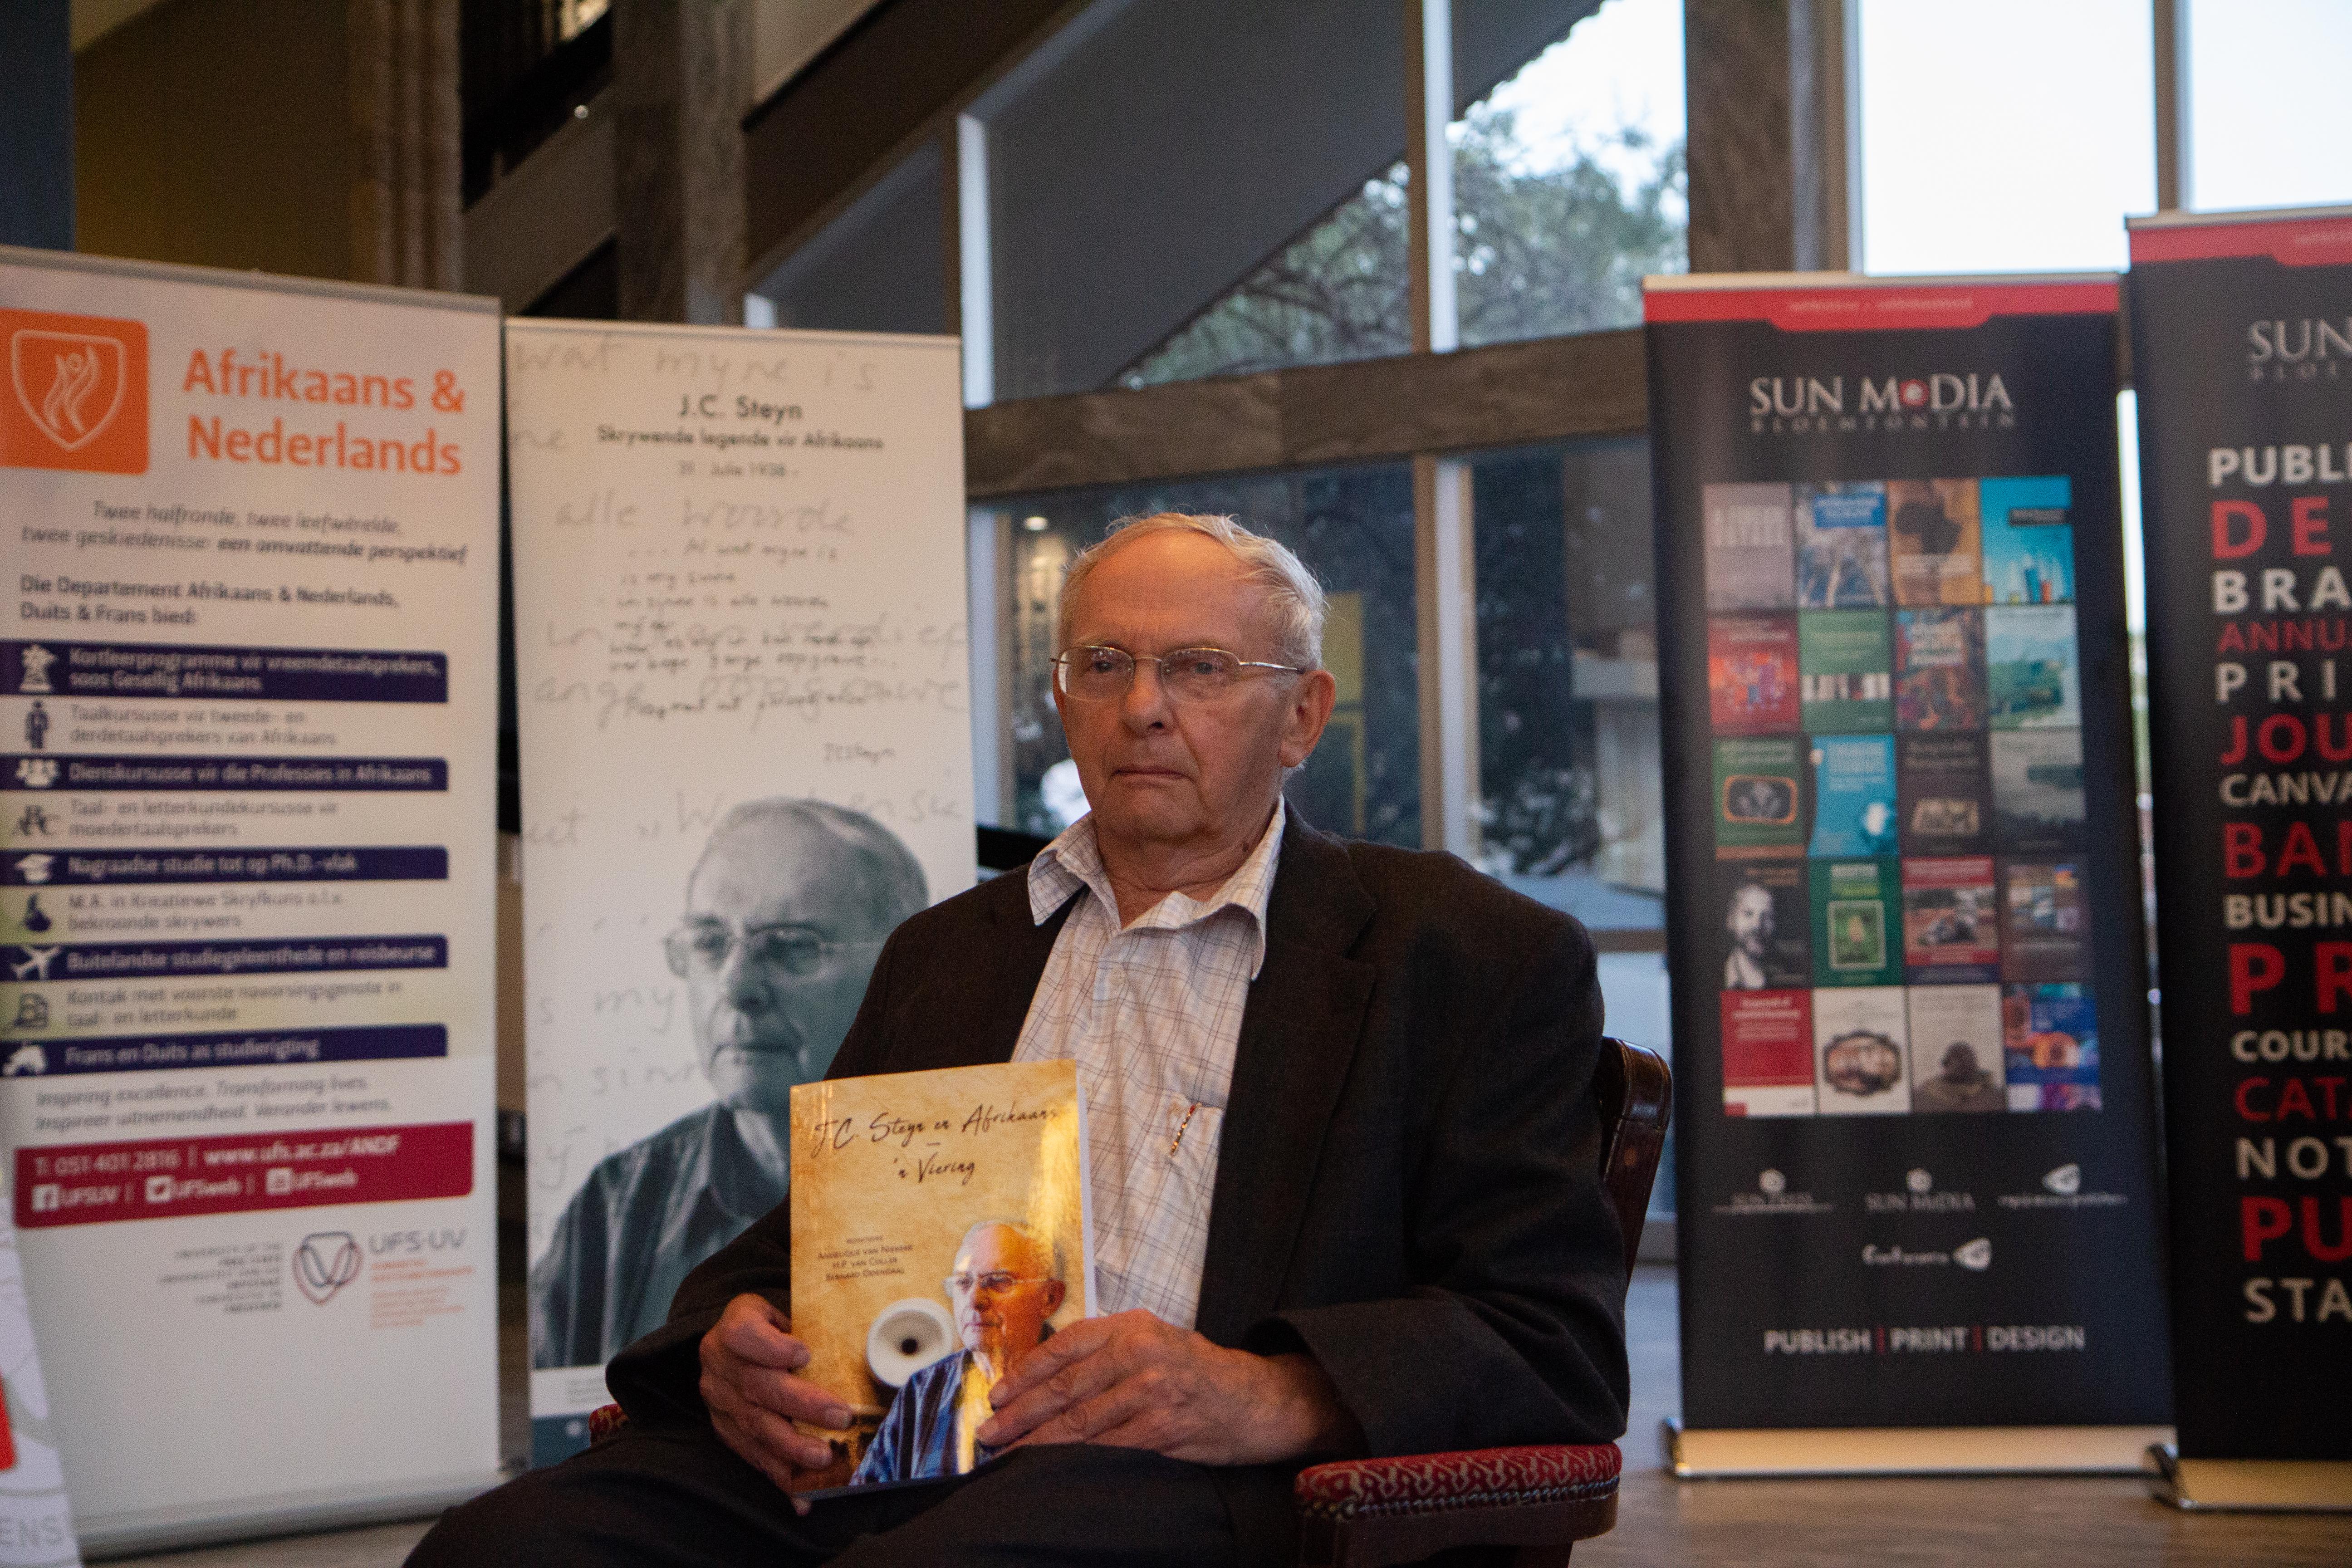 Prof Jaap Steyn